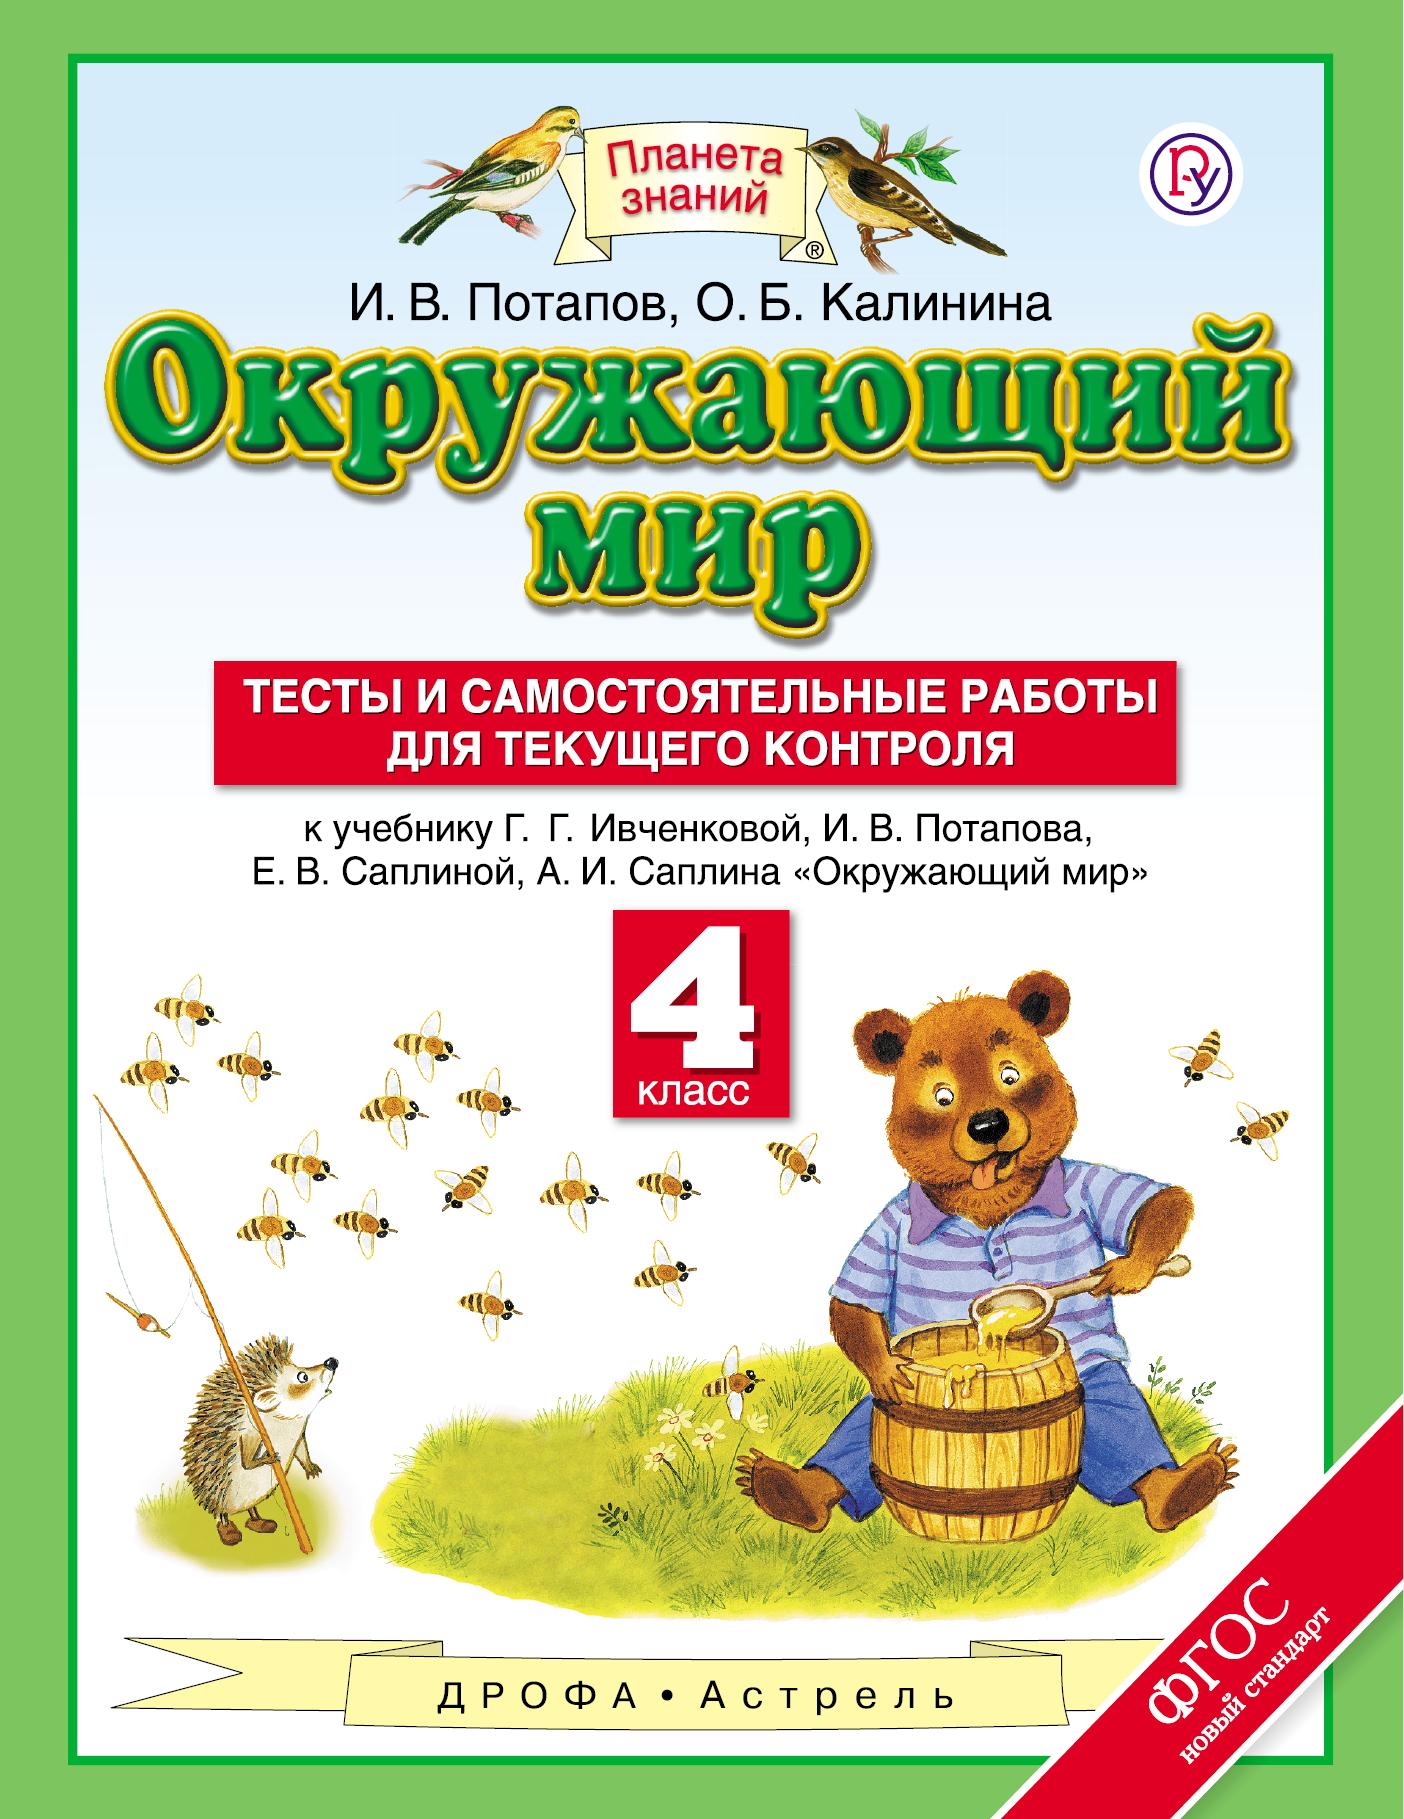 И. В. Потапов, О. Б. Калинина Окружающий мир. 4 класс. Тесты и самостоятельные работы для текущего контроля